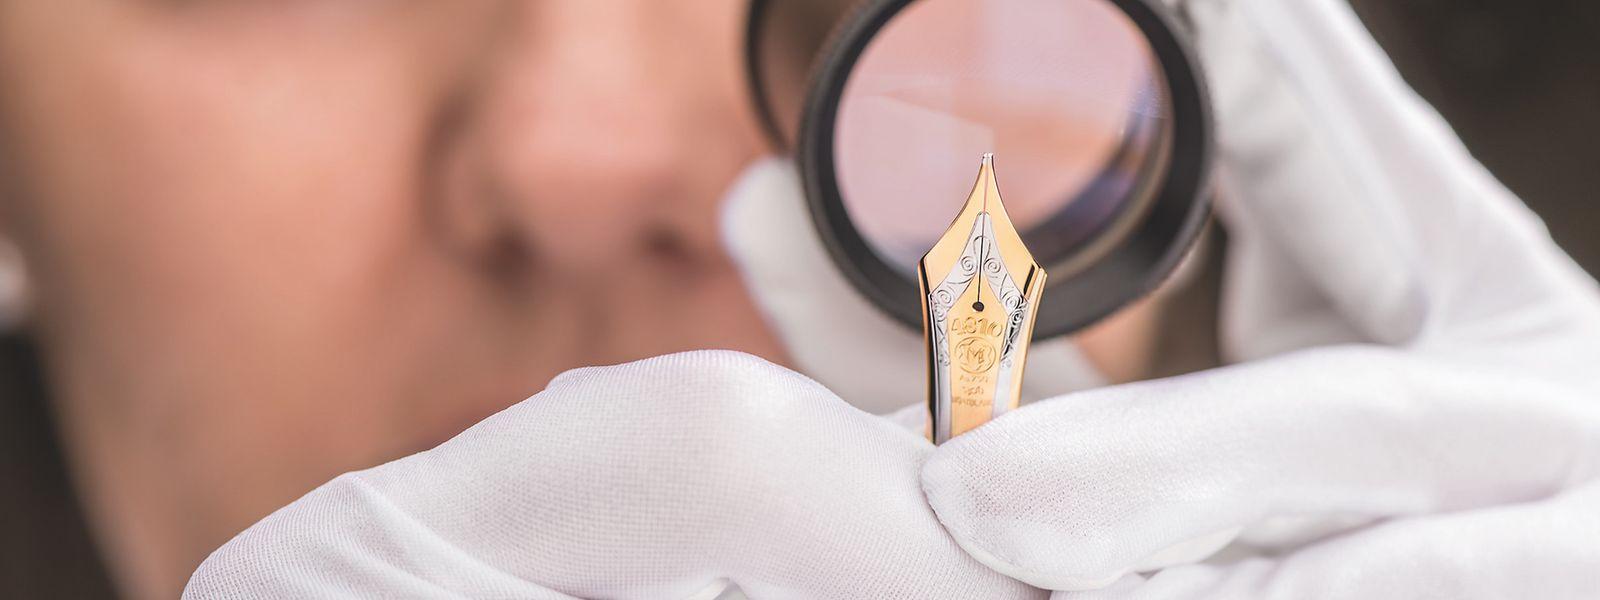 Mit Liebe zum Detail: Die Kontrolle in der Federfertigung wird von den Mitarbeiterinnen mittels einer Lupe vorgenommen. Nur einwandfreie Stücke werden dann mit dem Füllfederhalterkorpus zusammengefügt.